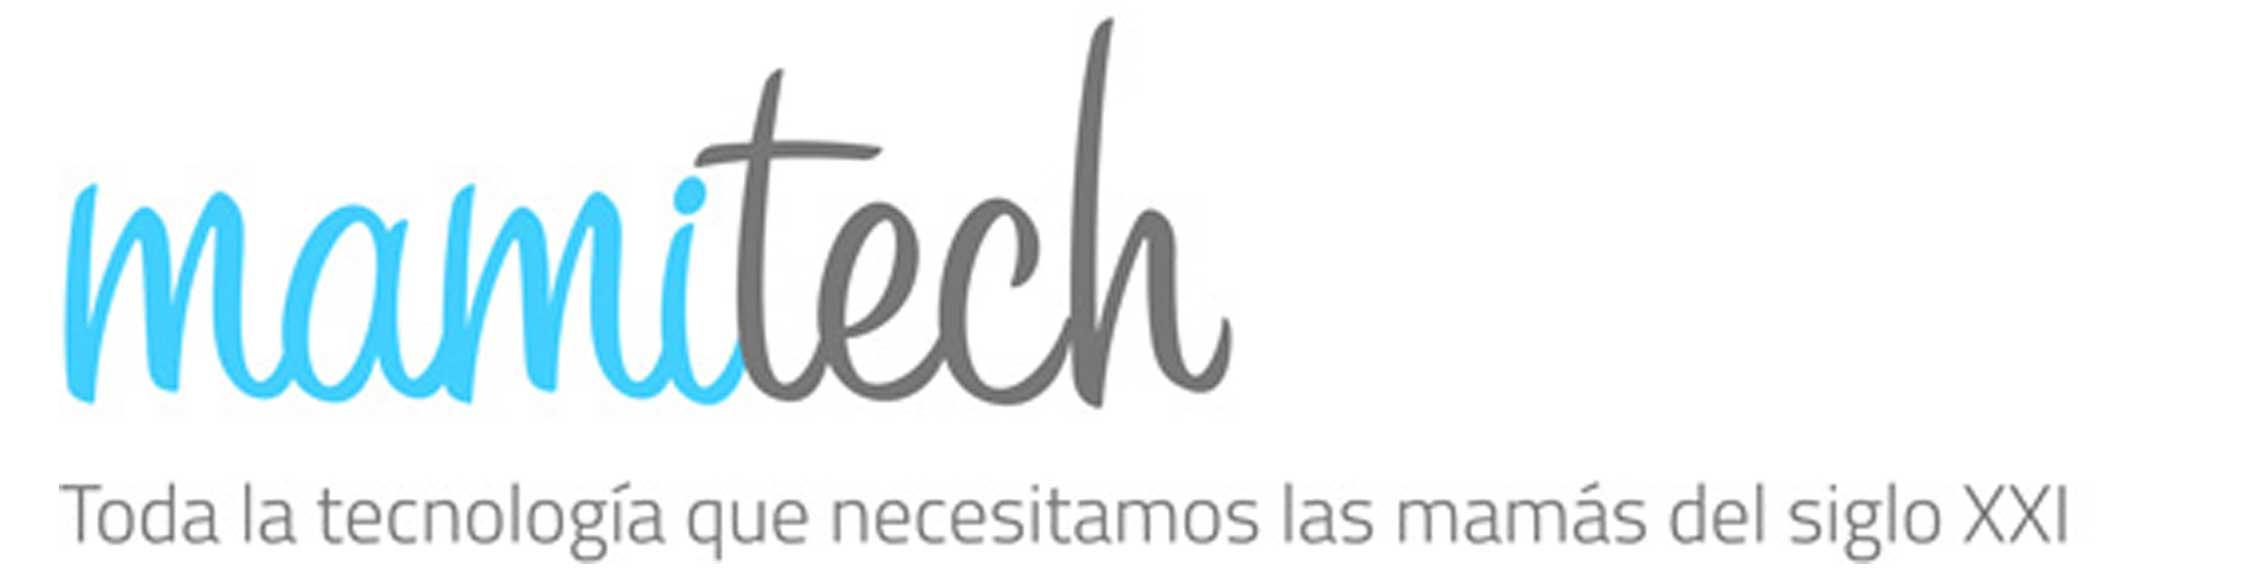 Mamitech